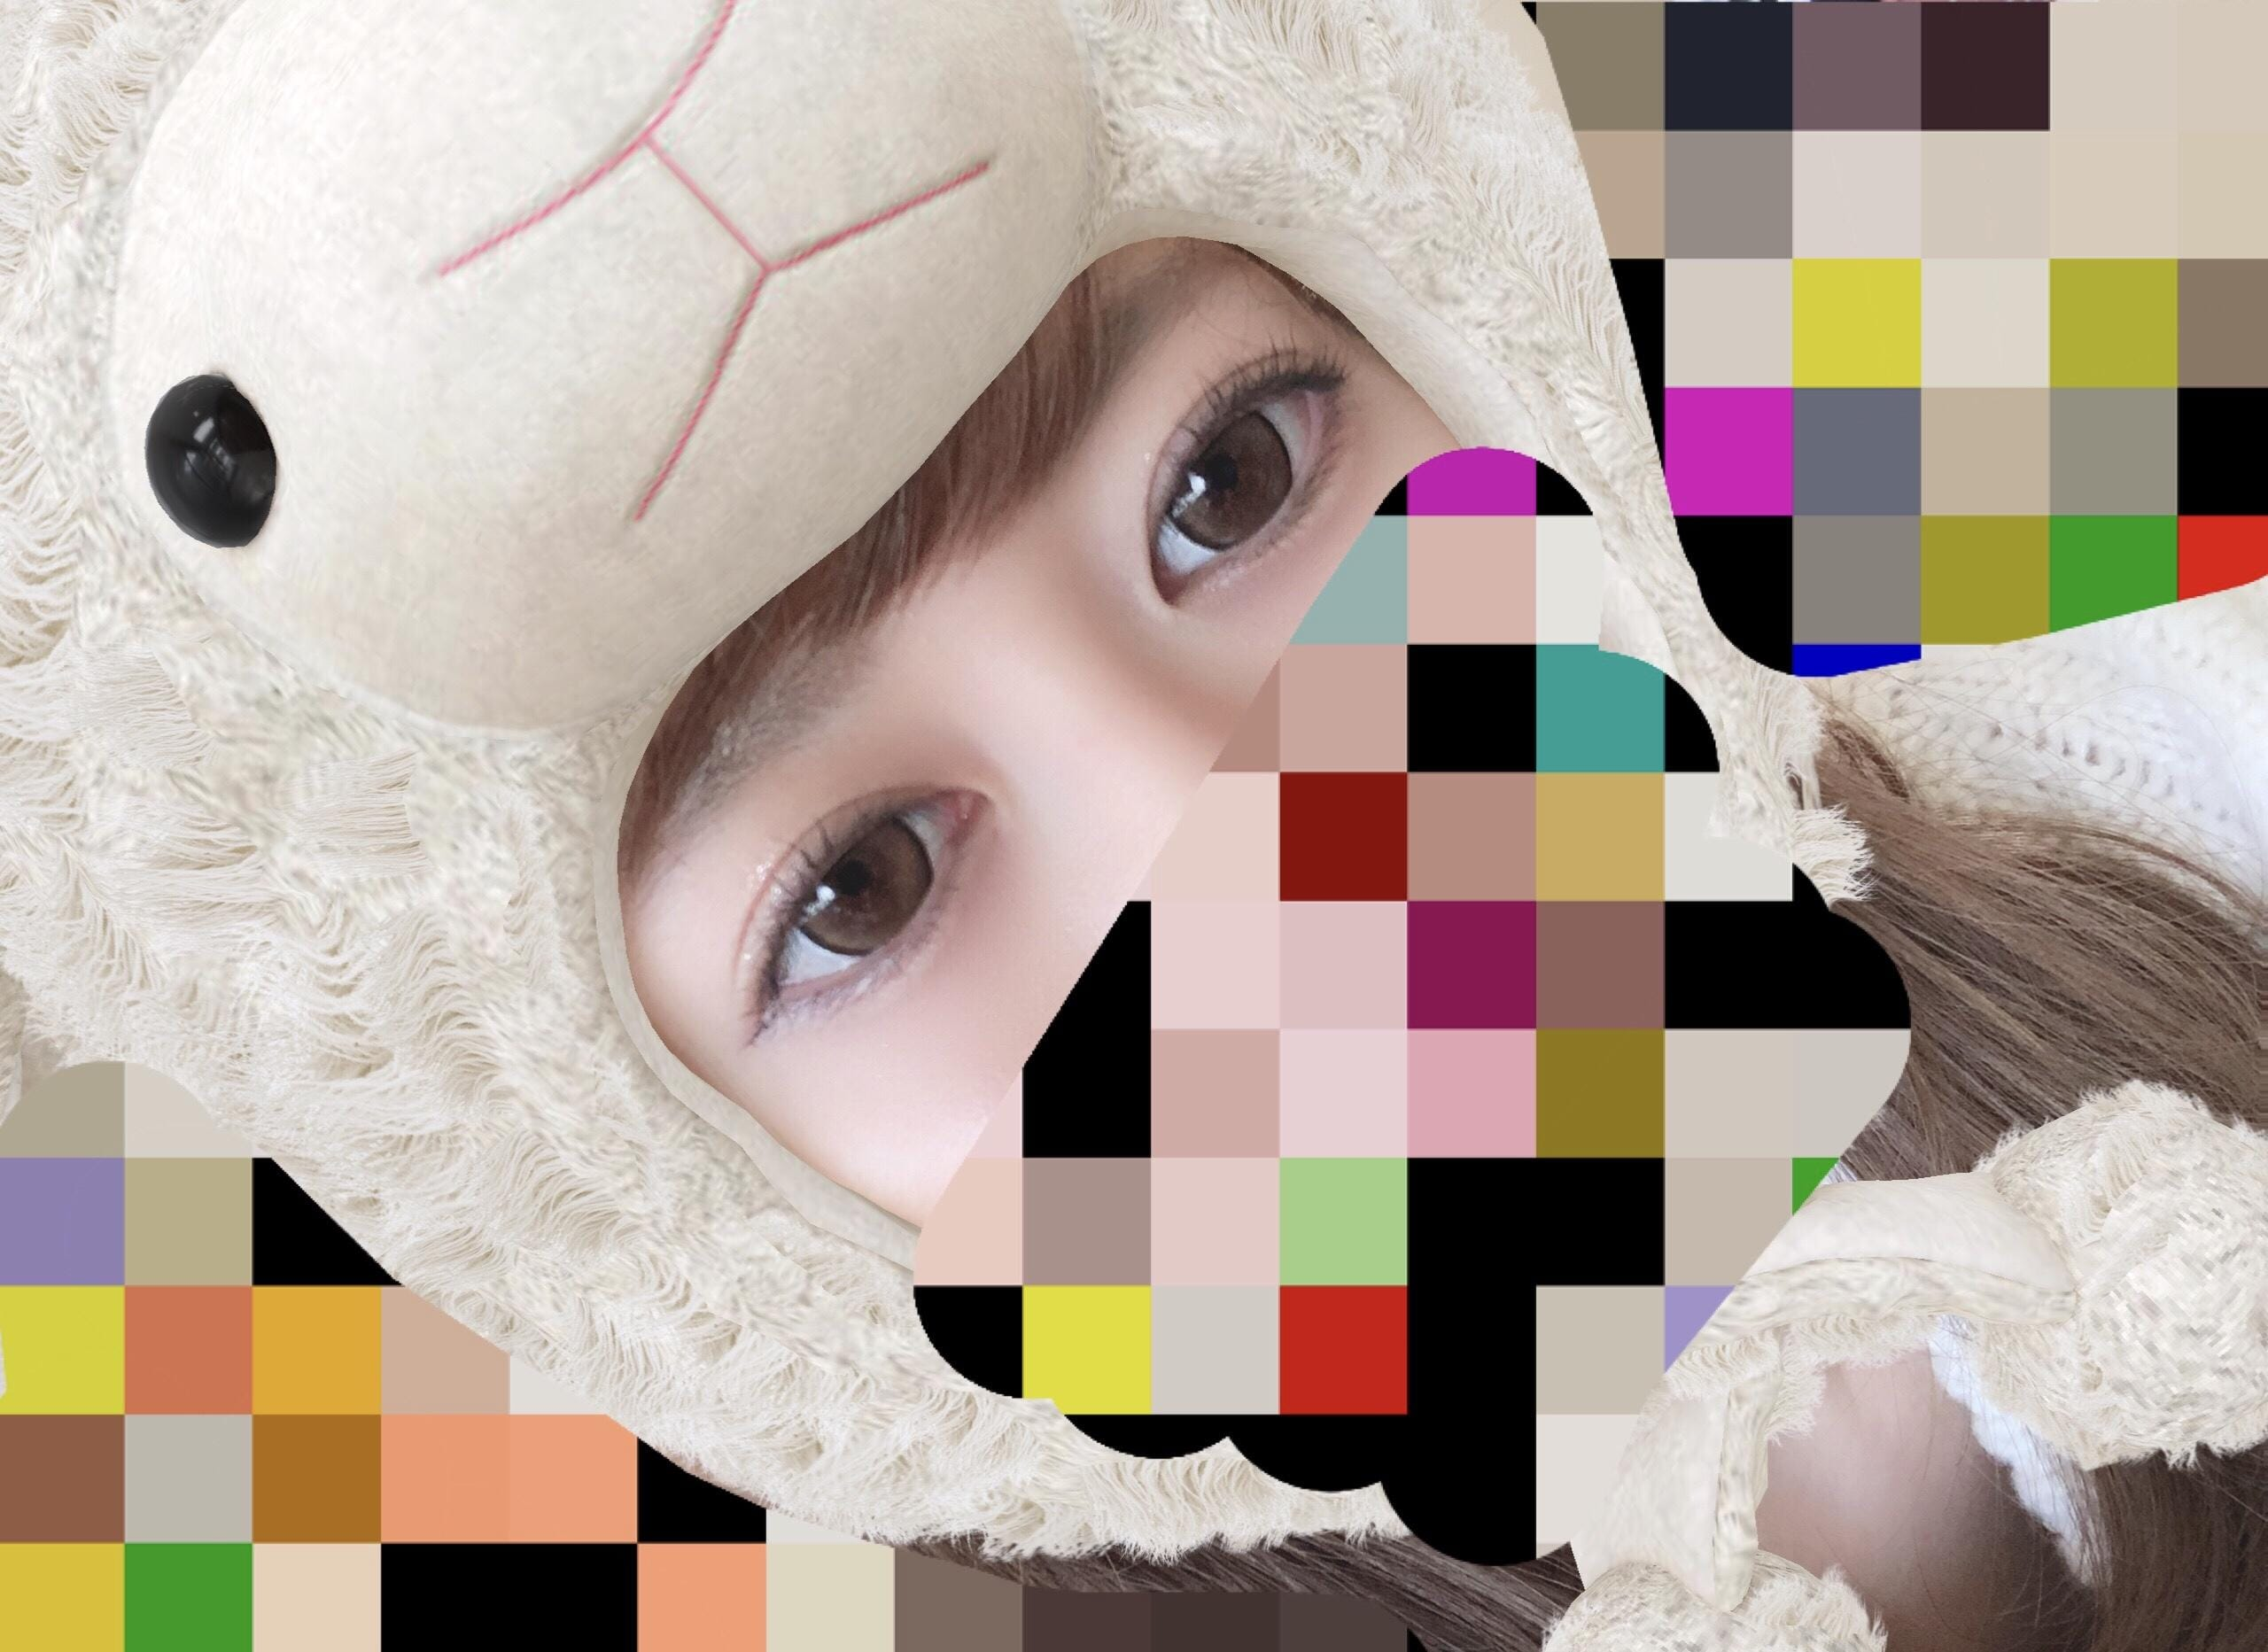 「明日☆」01/18(金) 16:10 | みゆちゃんの写メ・風俗動画